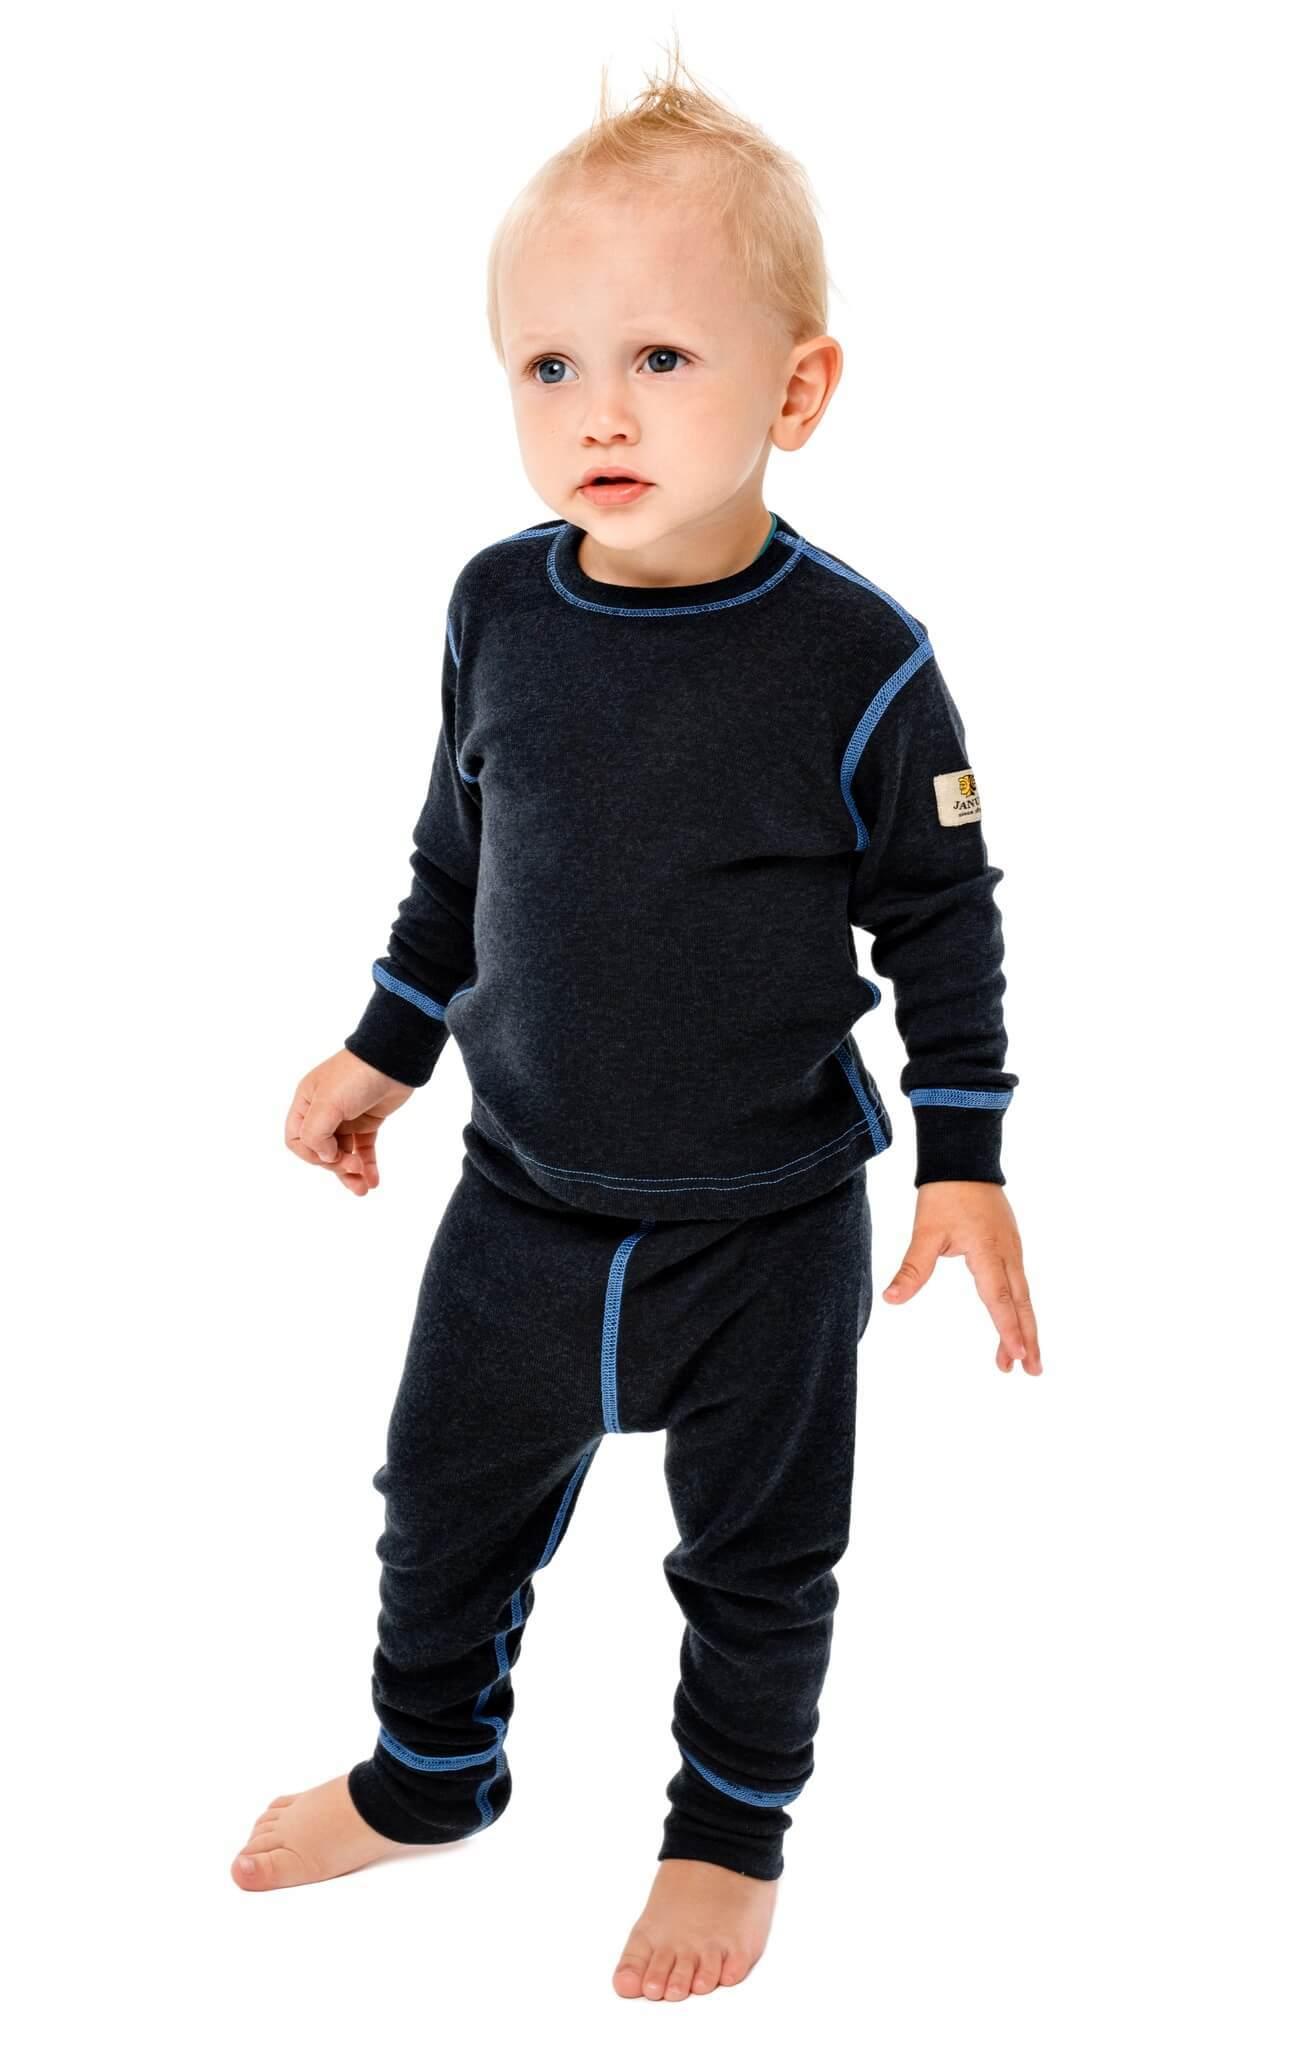 Janus детский комплект термобелья темно-серый - 3